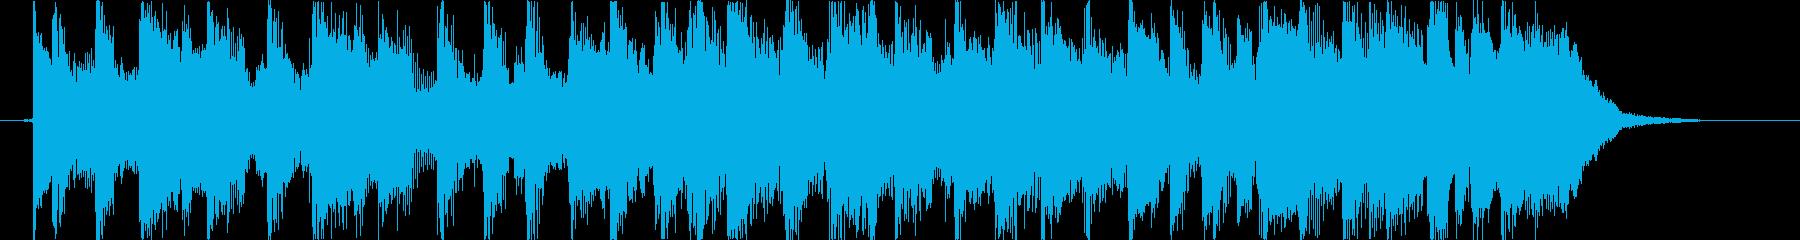 ジングルベル ギターVer の再生済みの波形